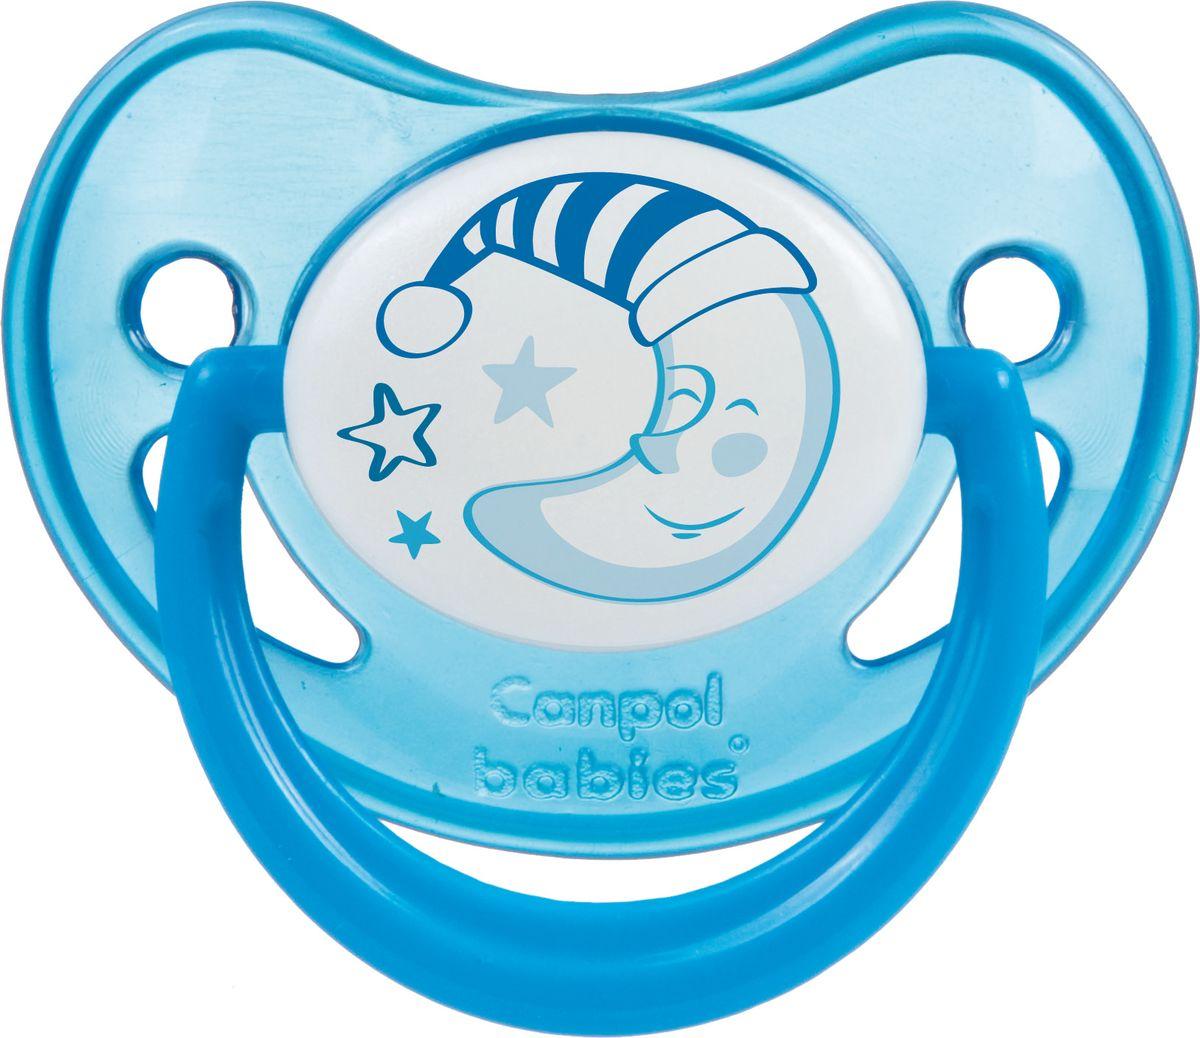 Canpol Babies Пустышка силиконовая Night Dreams от 0 до 6 месяцев цвет синий соска пустышка nuk night & day от 18 до 36 месяцев цвет салатовый синий